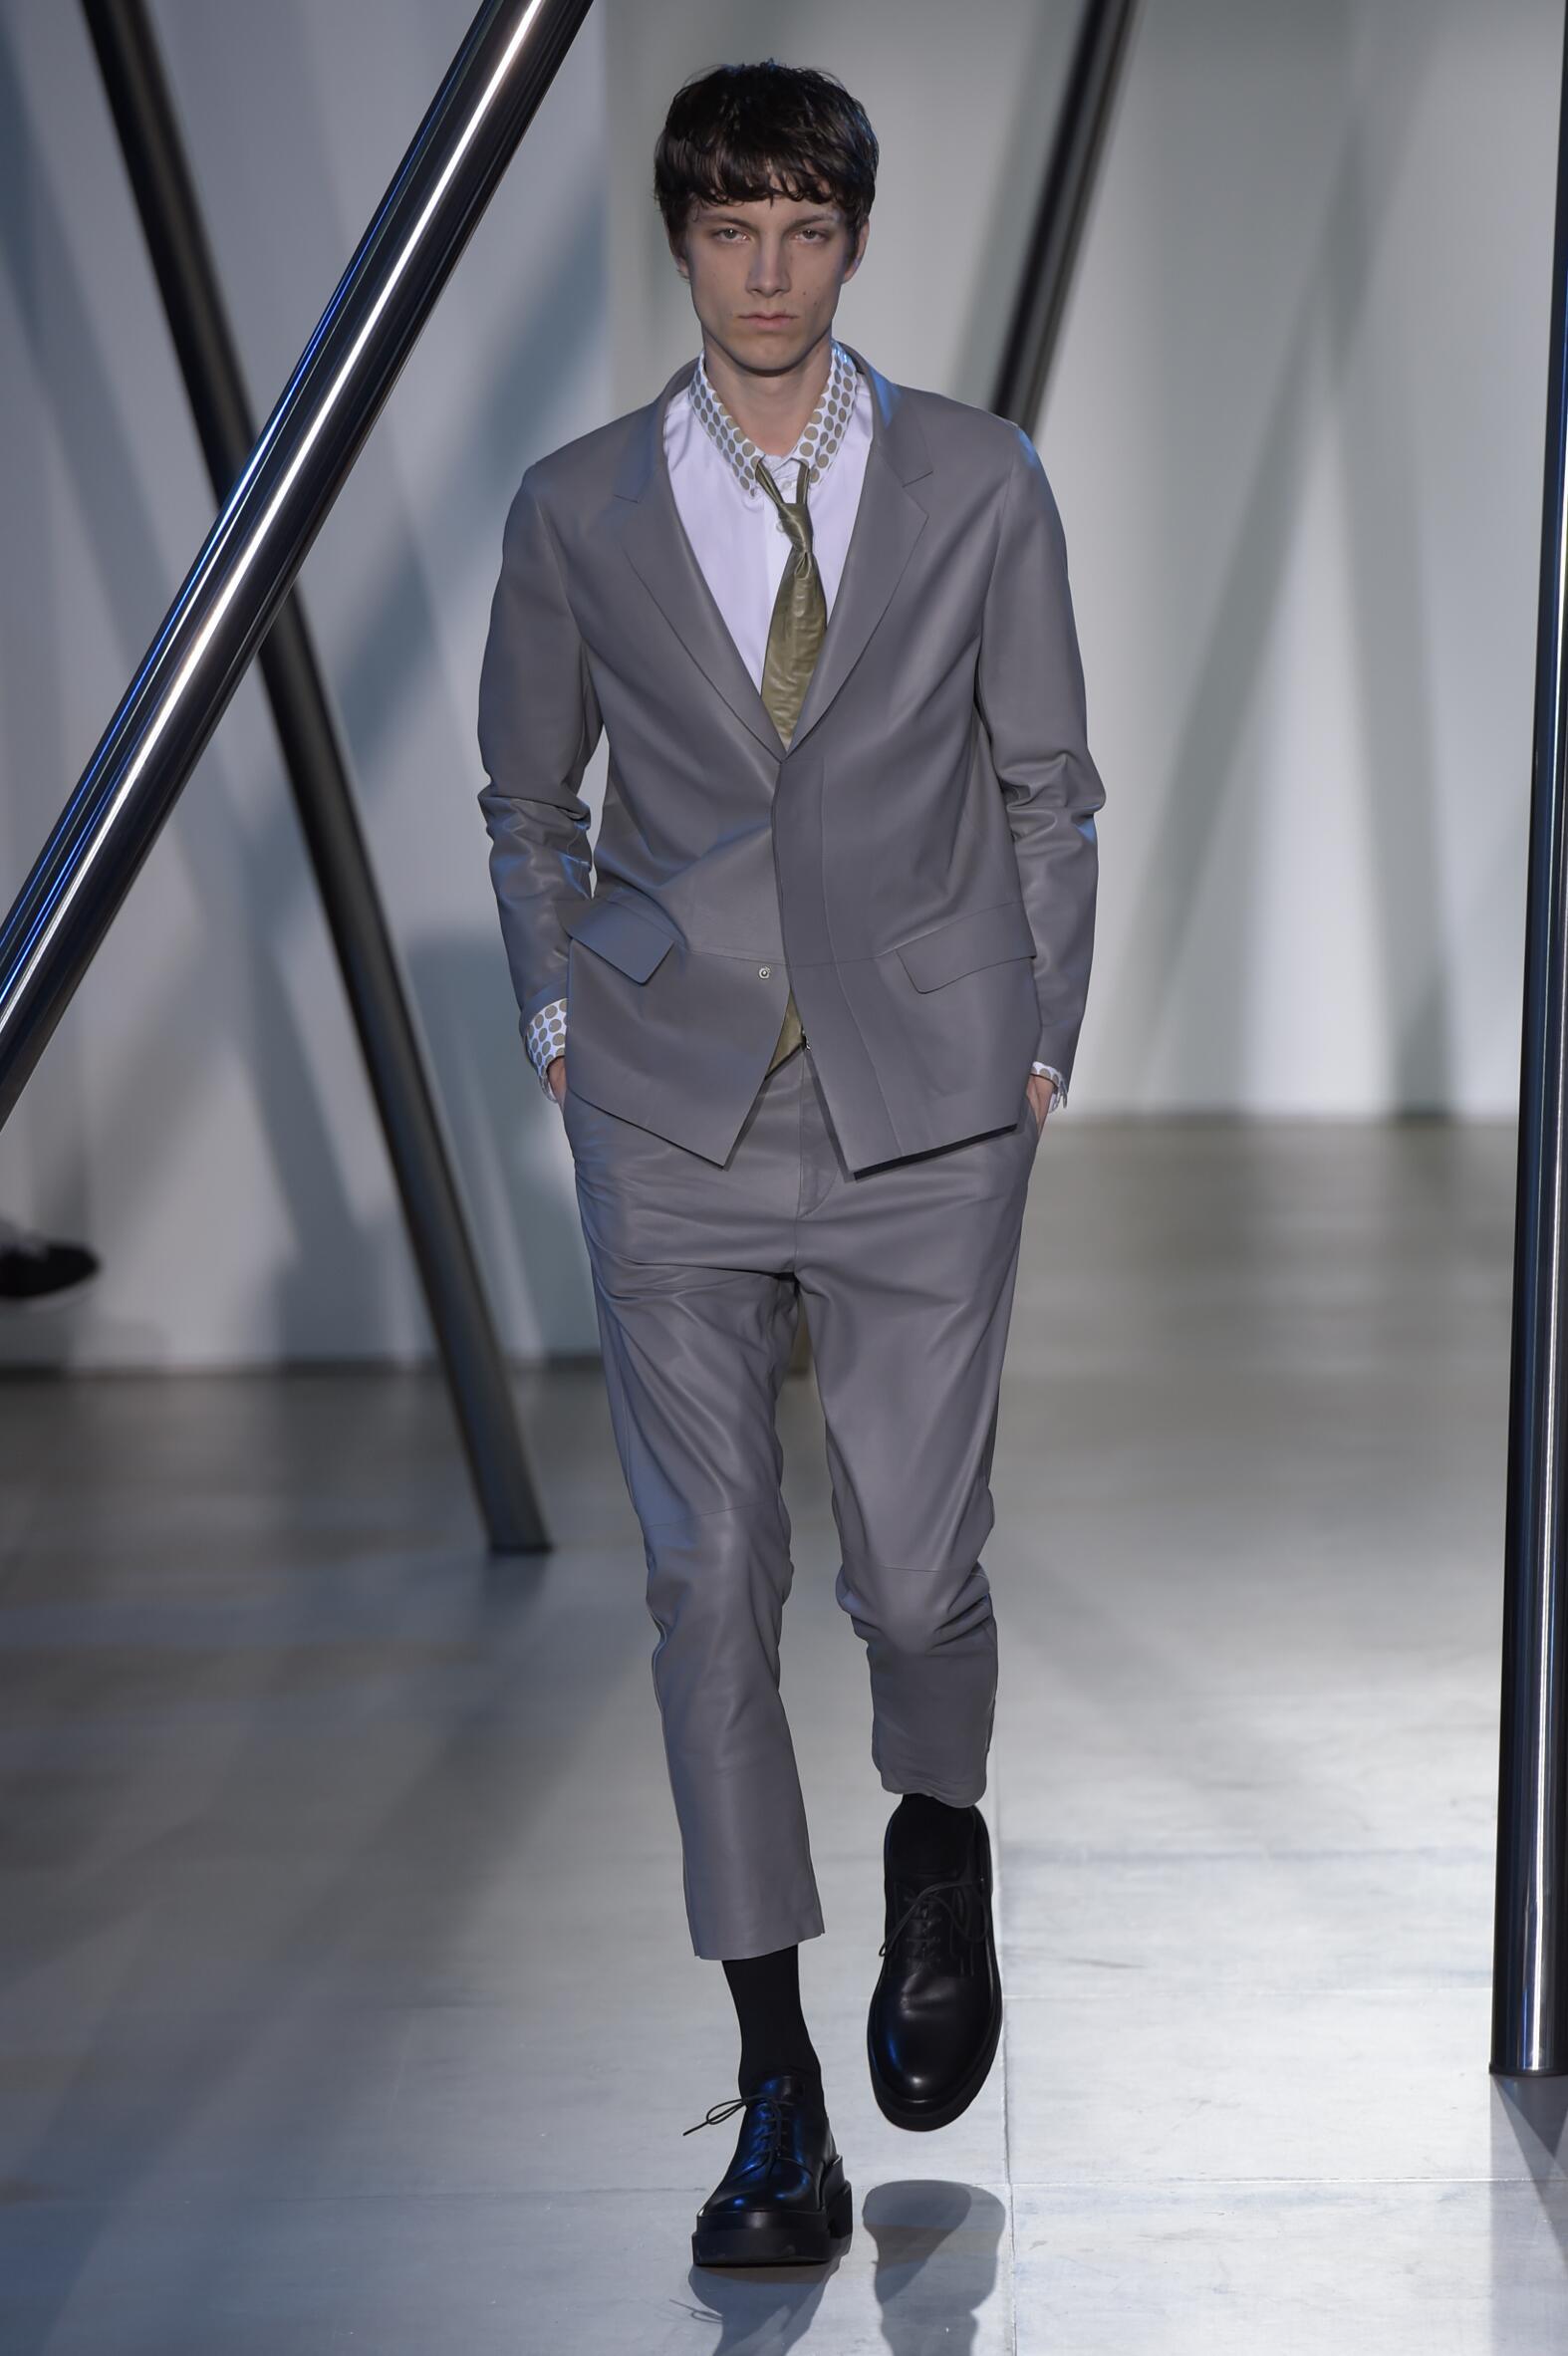 Spring Jil Sander Collection Fashion Men Model